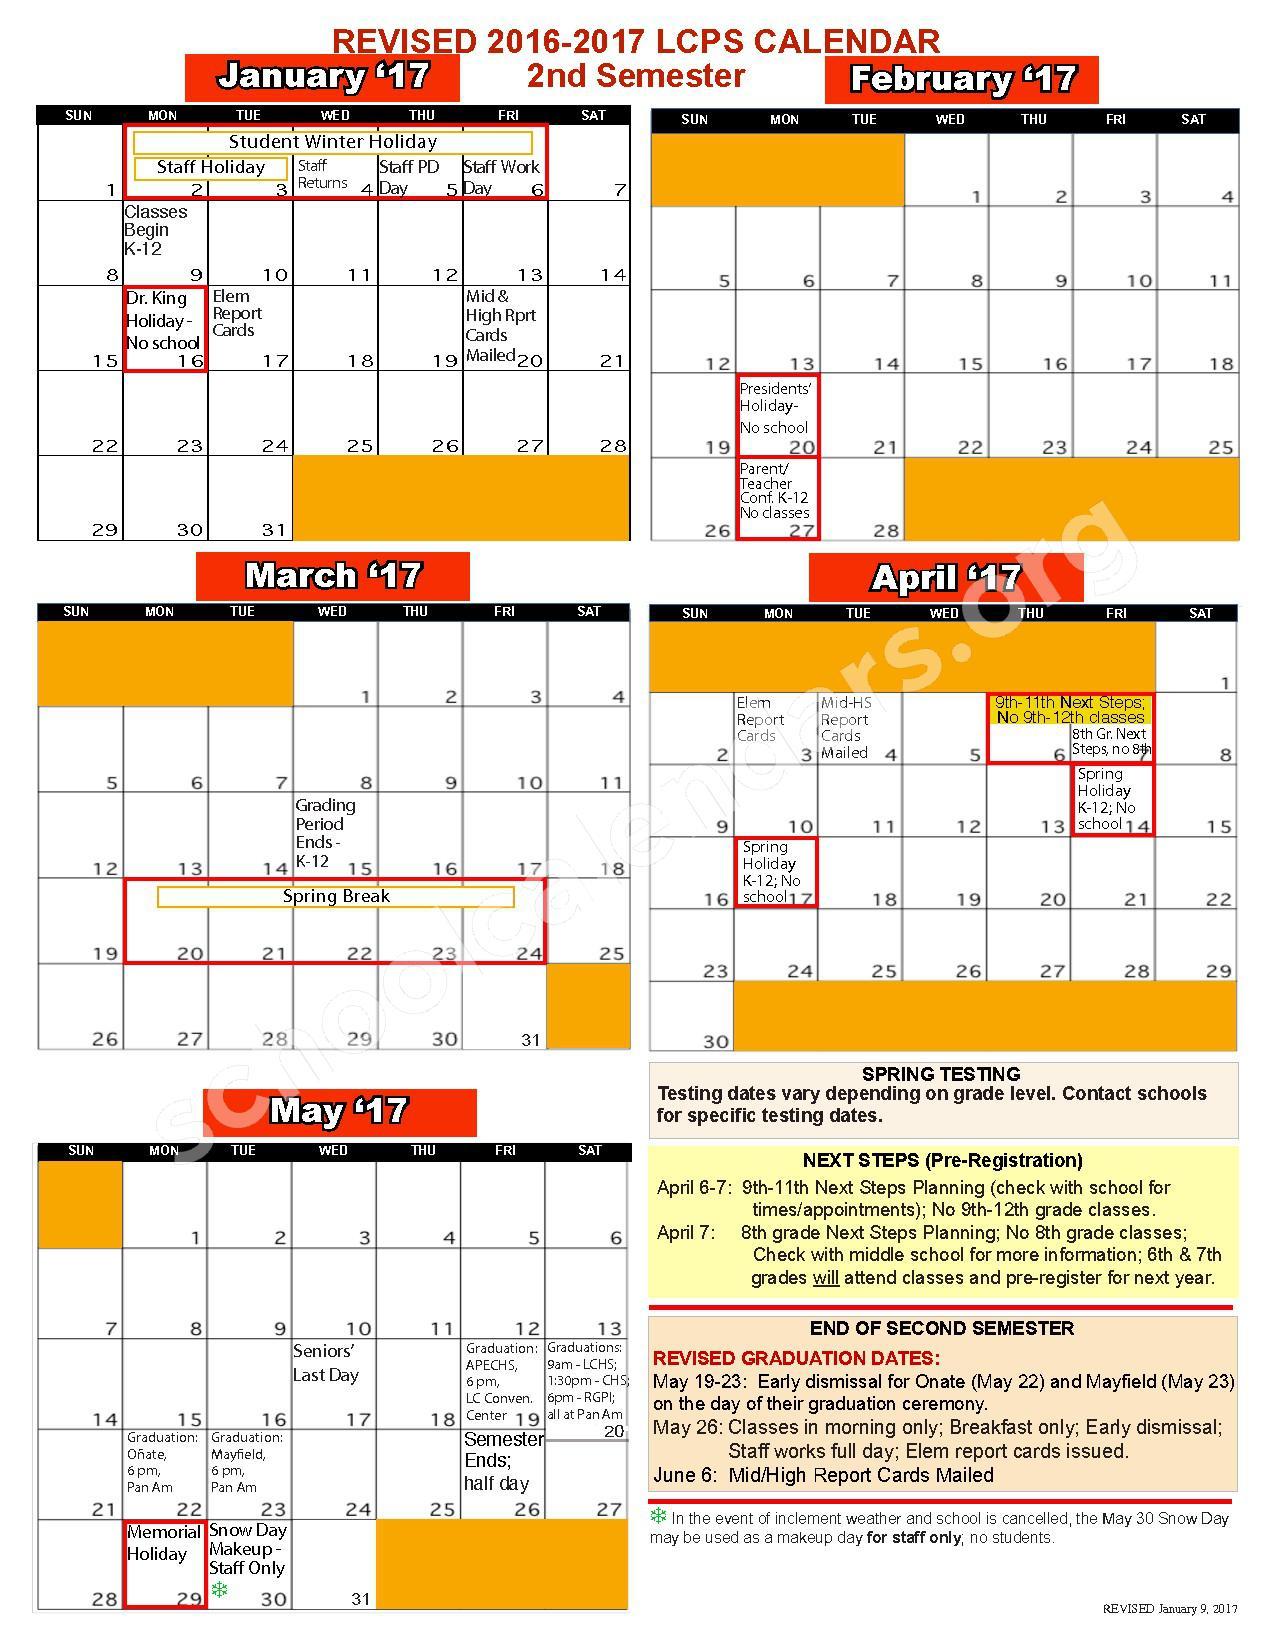 2016 - 2017 School Calendar | Las Cruces Public Schools Inside Las Cruces Public Schools School Calendar